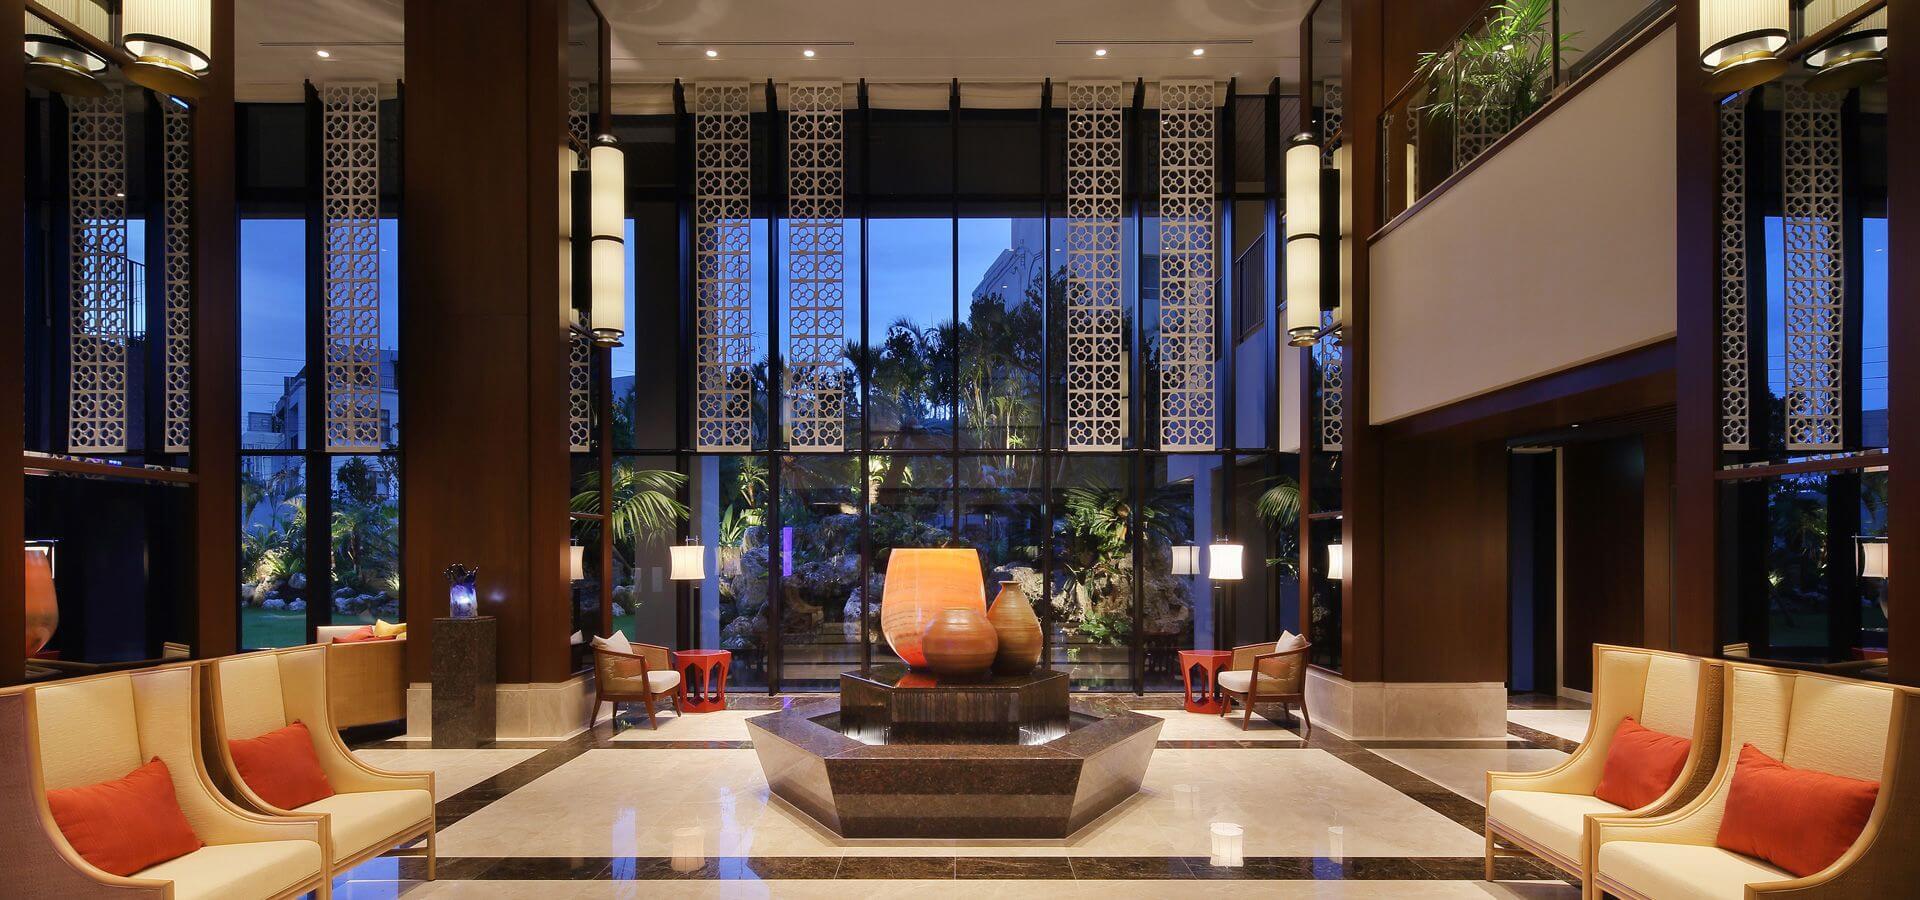 沖縄でパパ活におすすめなホテル「ハイアット リージェンシー 那覇 沖縄」